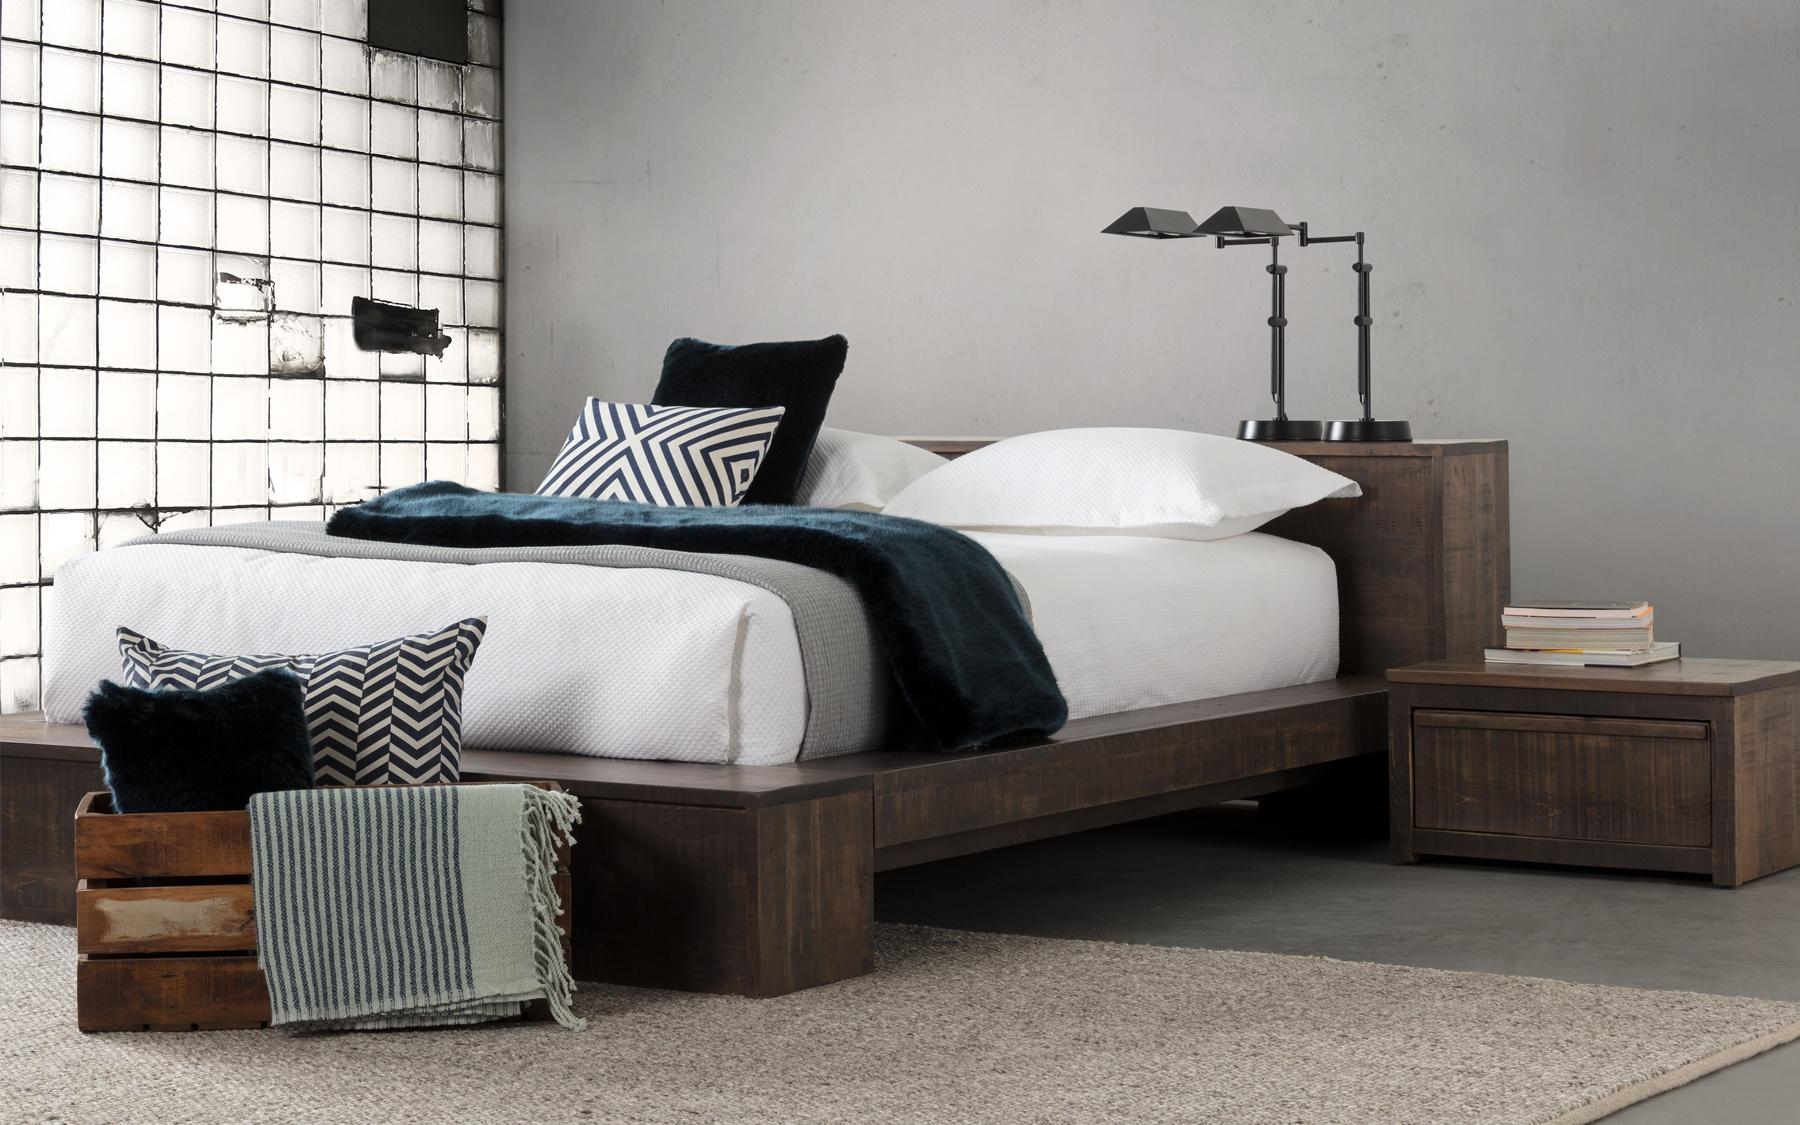 Lit grand format cl602 lits chambres la galerie du meuble for Lit grand lit